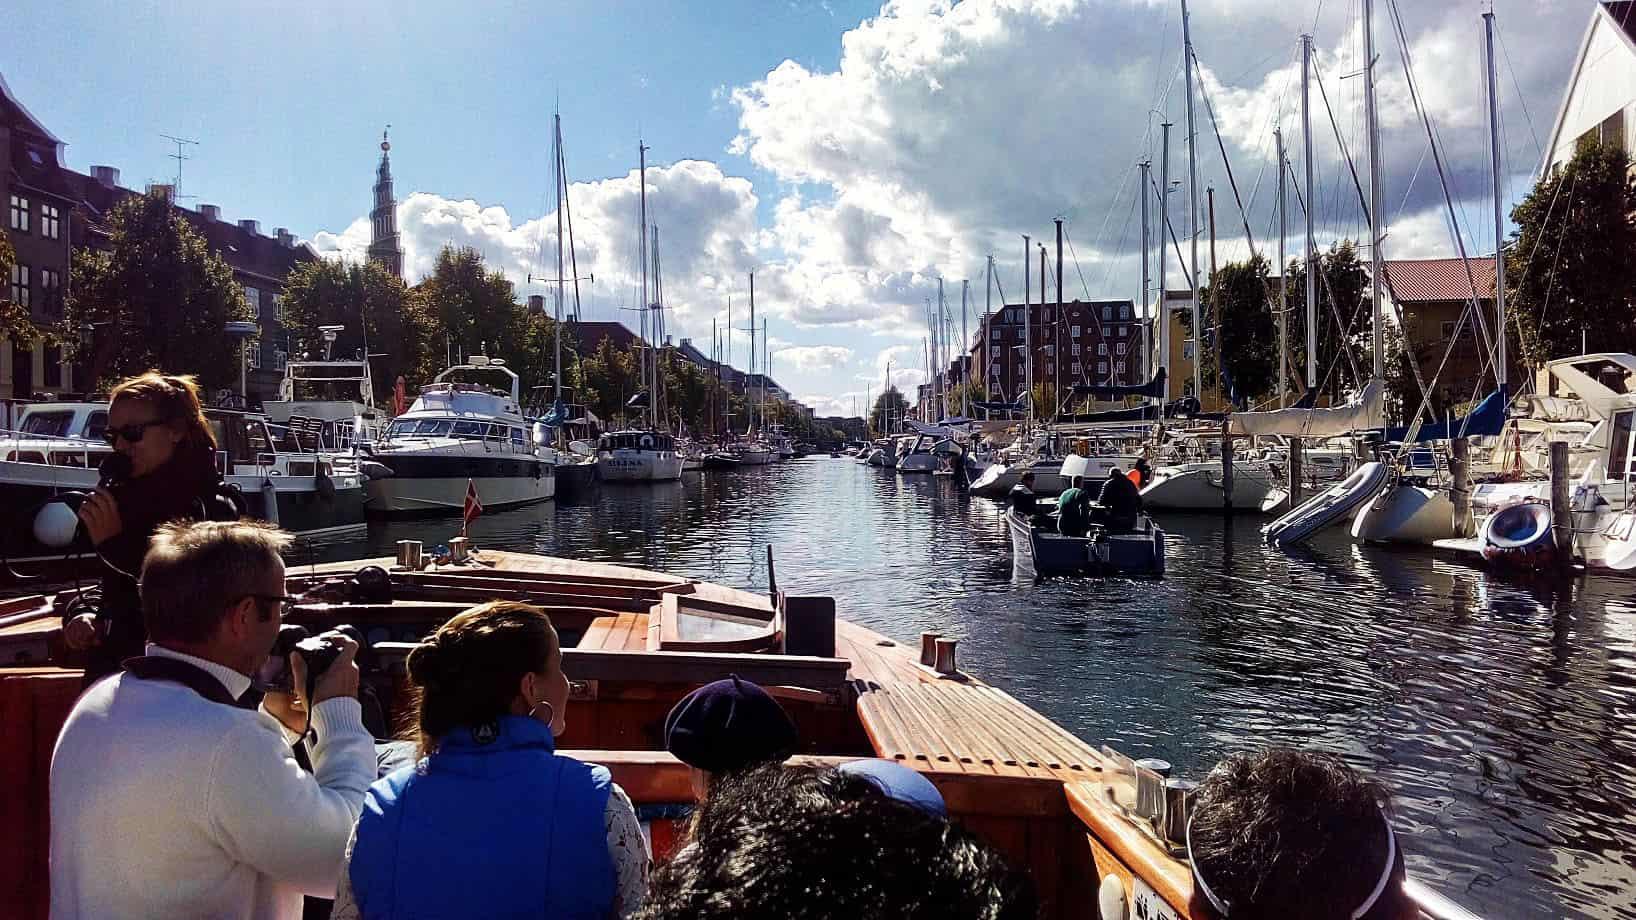 19 Cozy Things To Do In Copenhagen In The Winter Girl Gone London